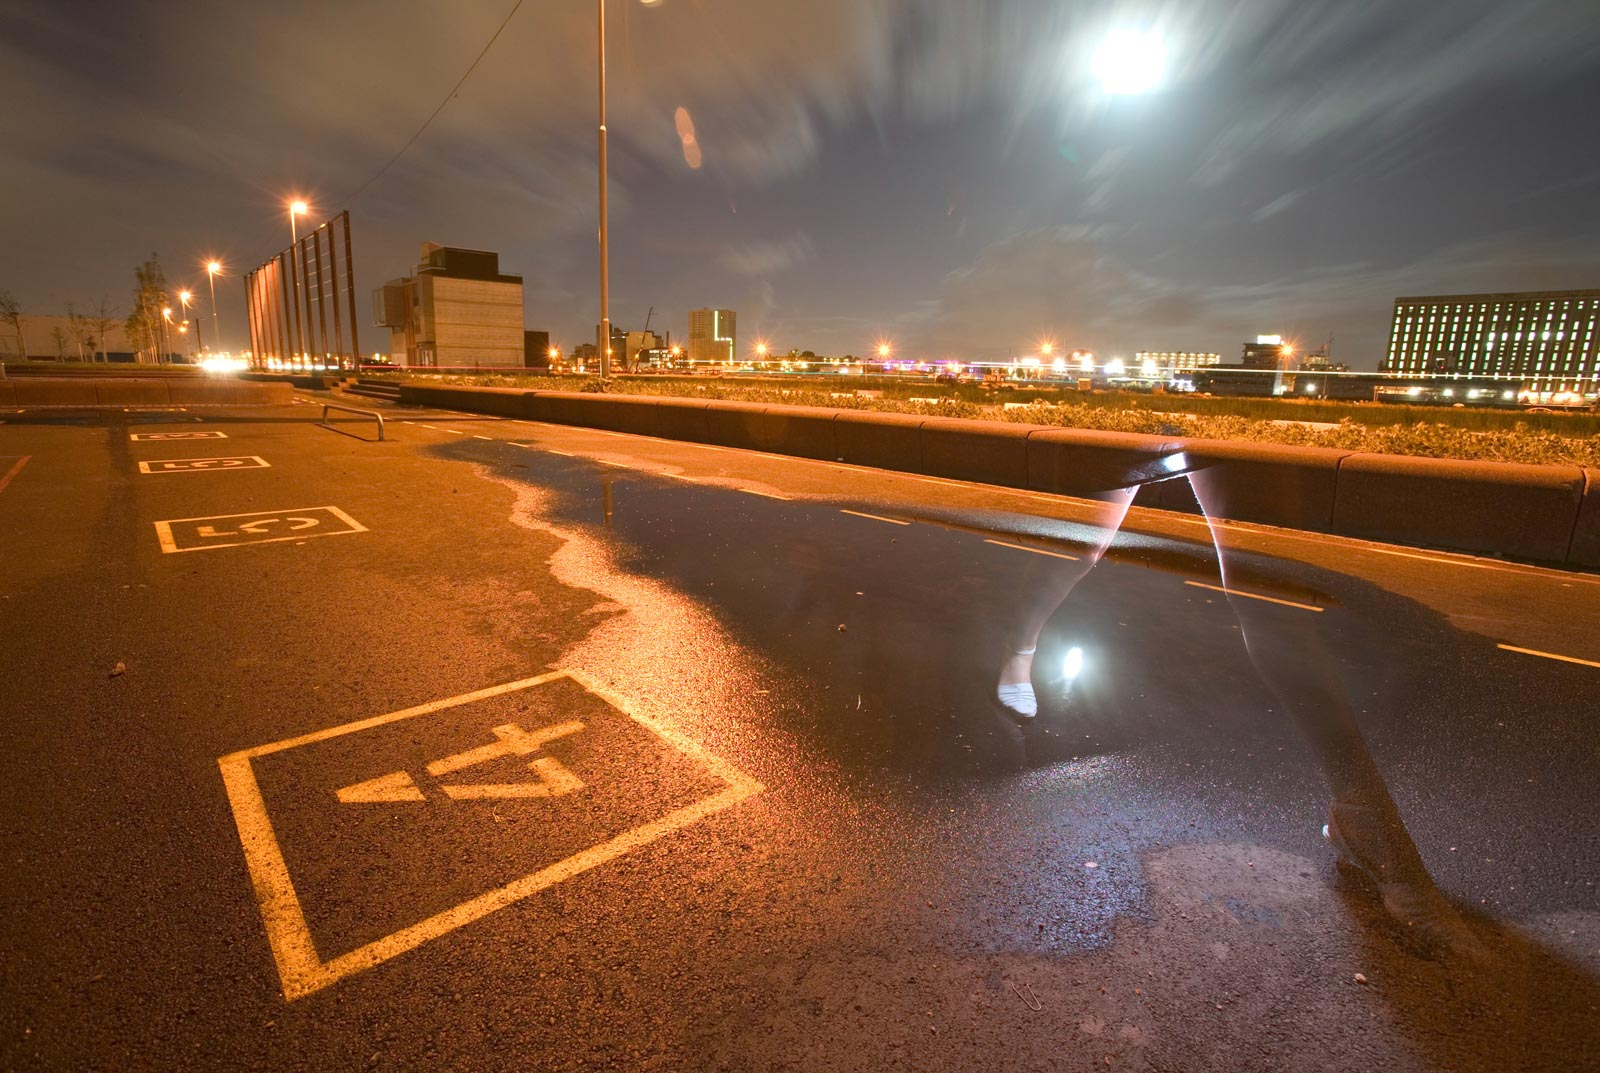 Nachtportret op een geasfalteerd sportveld